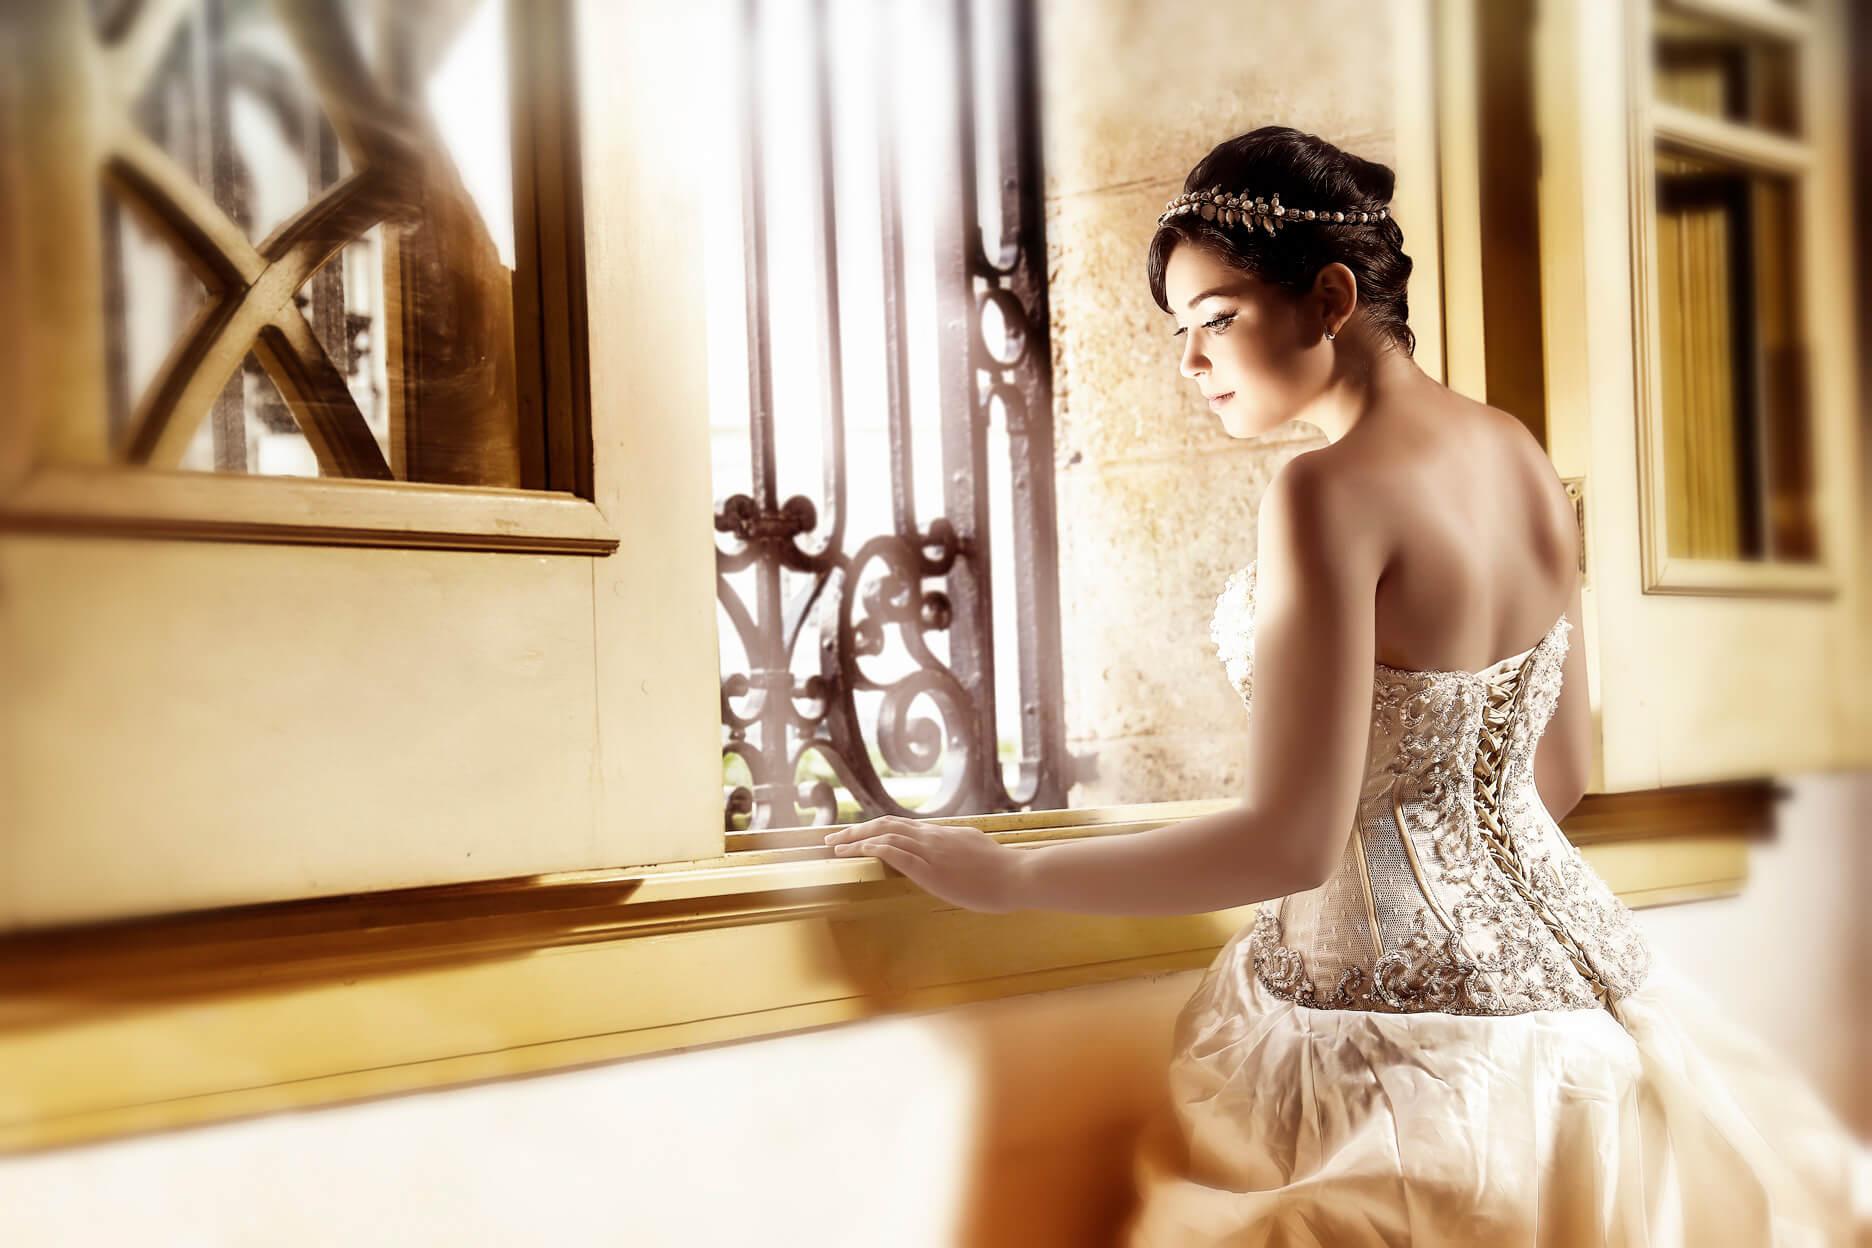 fotografia por Estudios Mahe de una quinceañera posando frenta a una ventana usando un vestido blanco